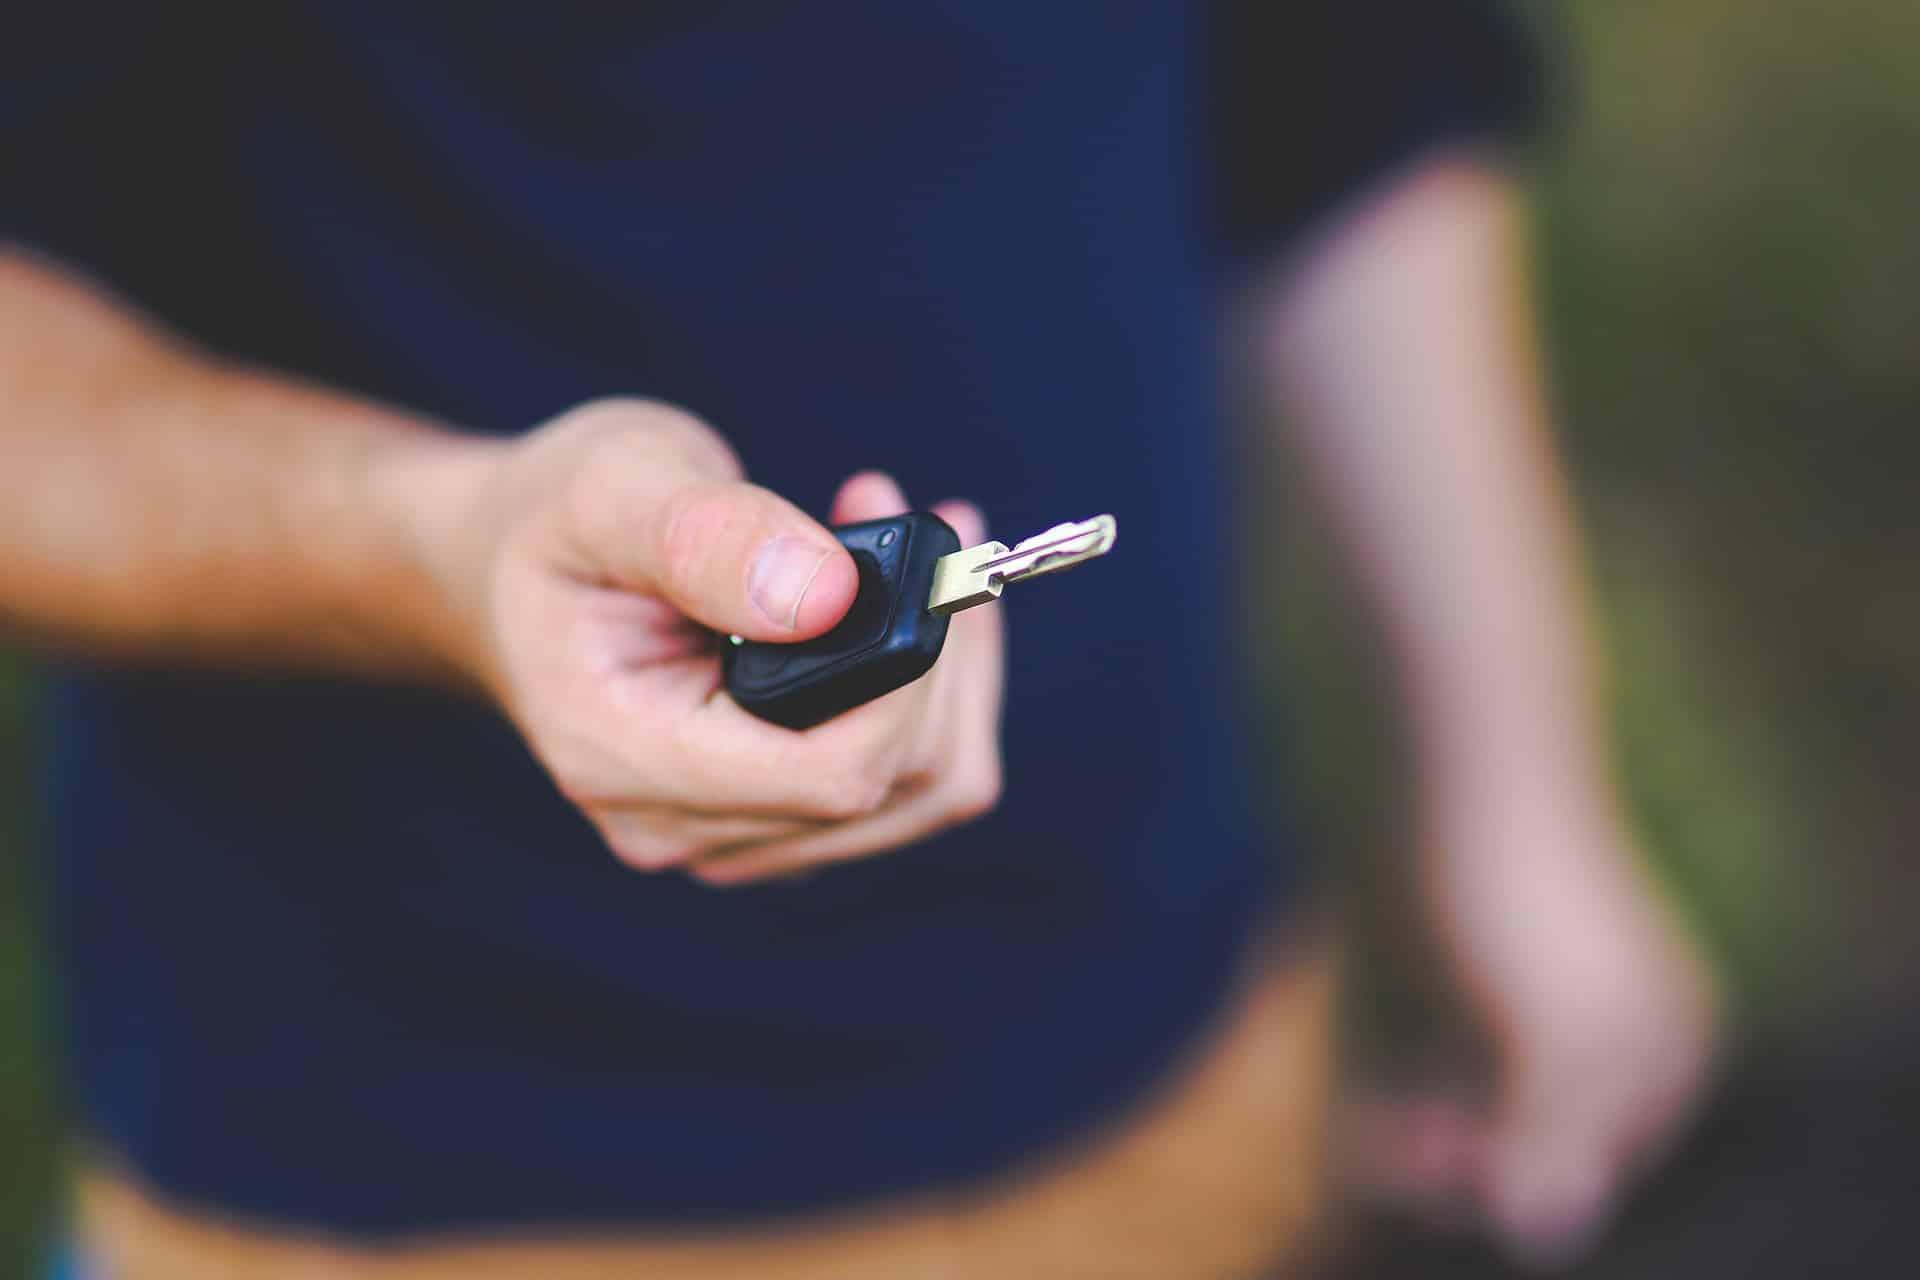 Homme prétant des clés dans le cadre d'un contrat de leasing